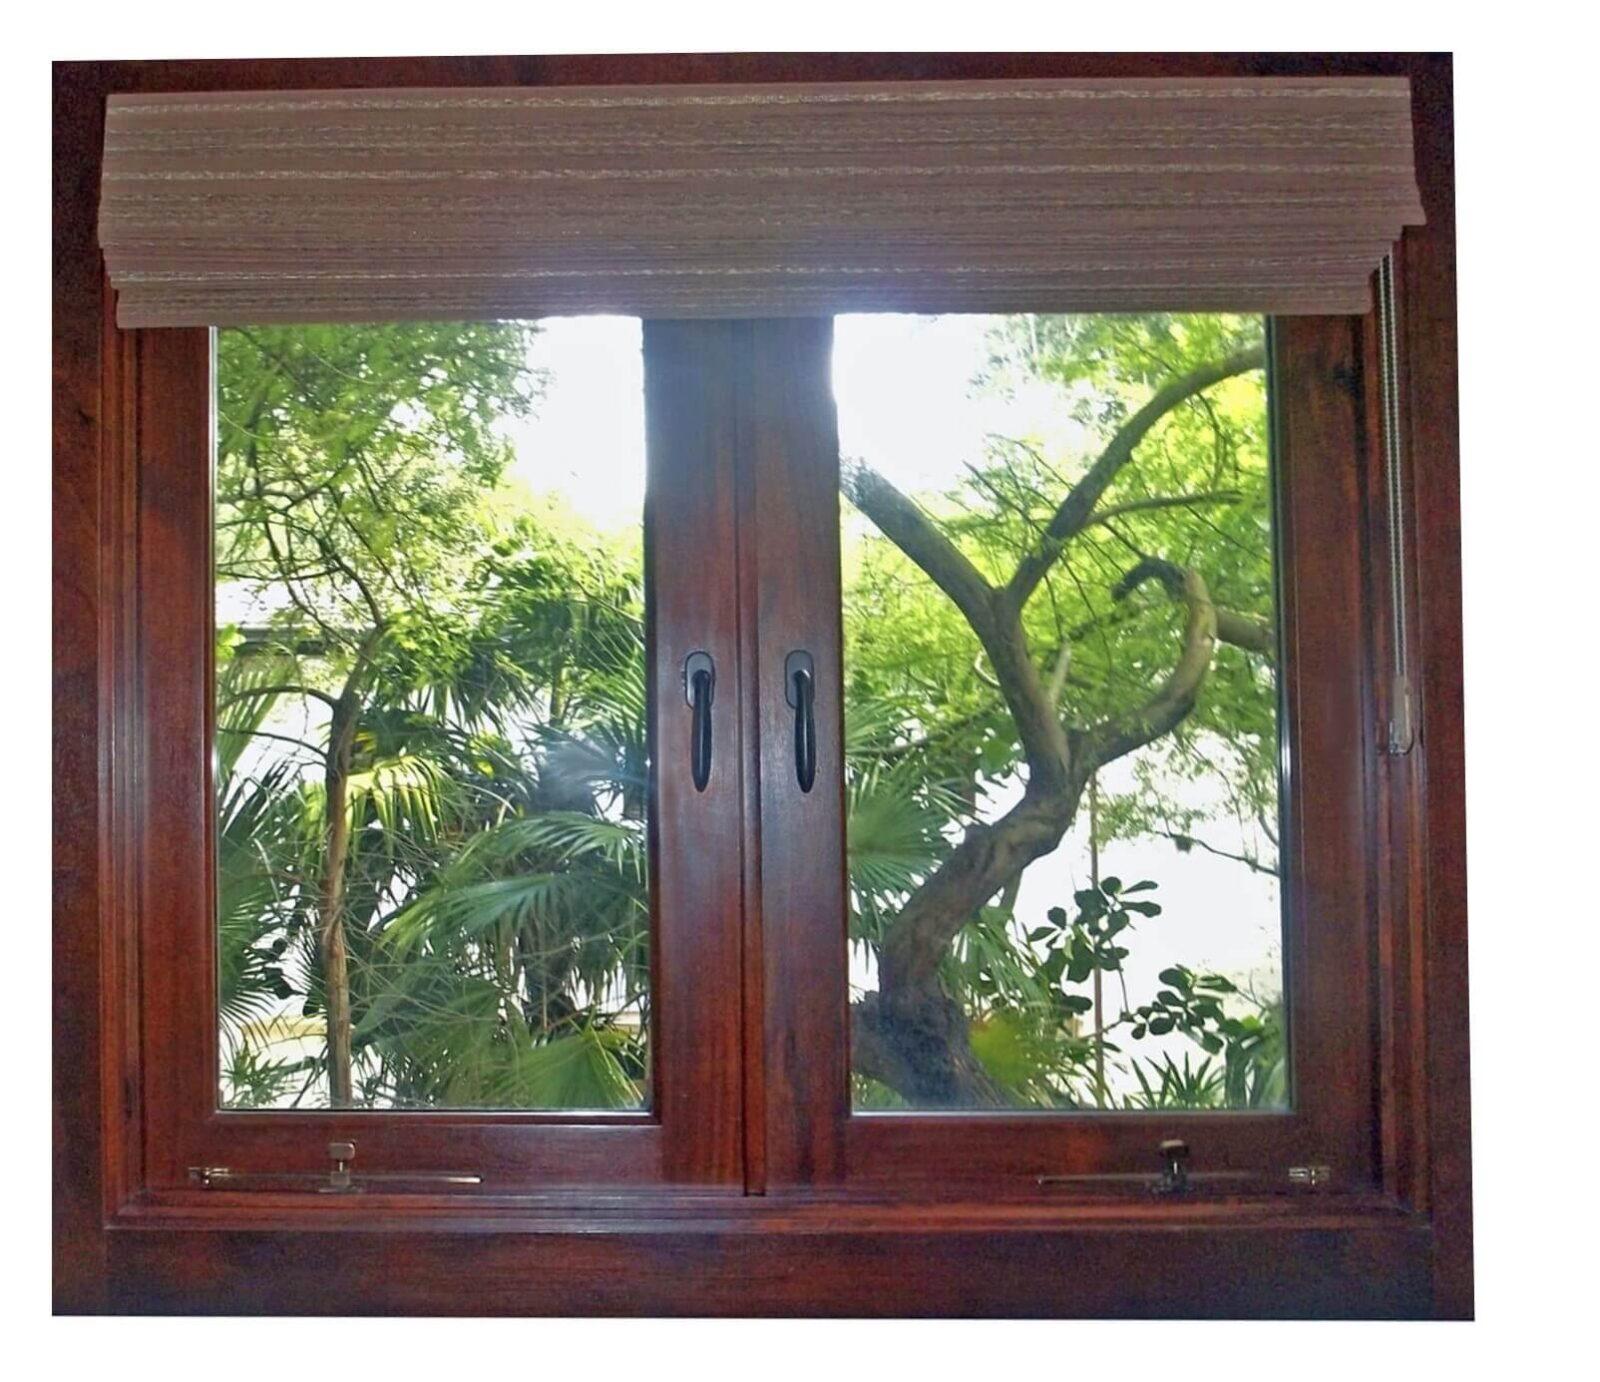 TAHITI MAHOGANY WINDOW